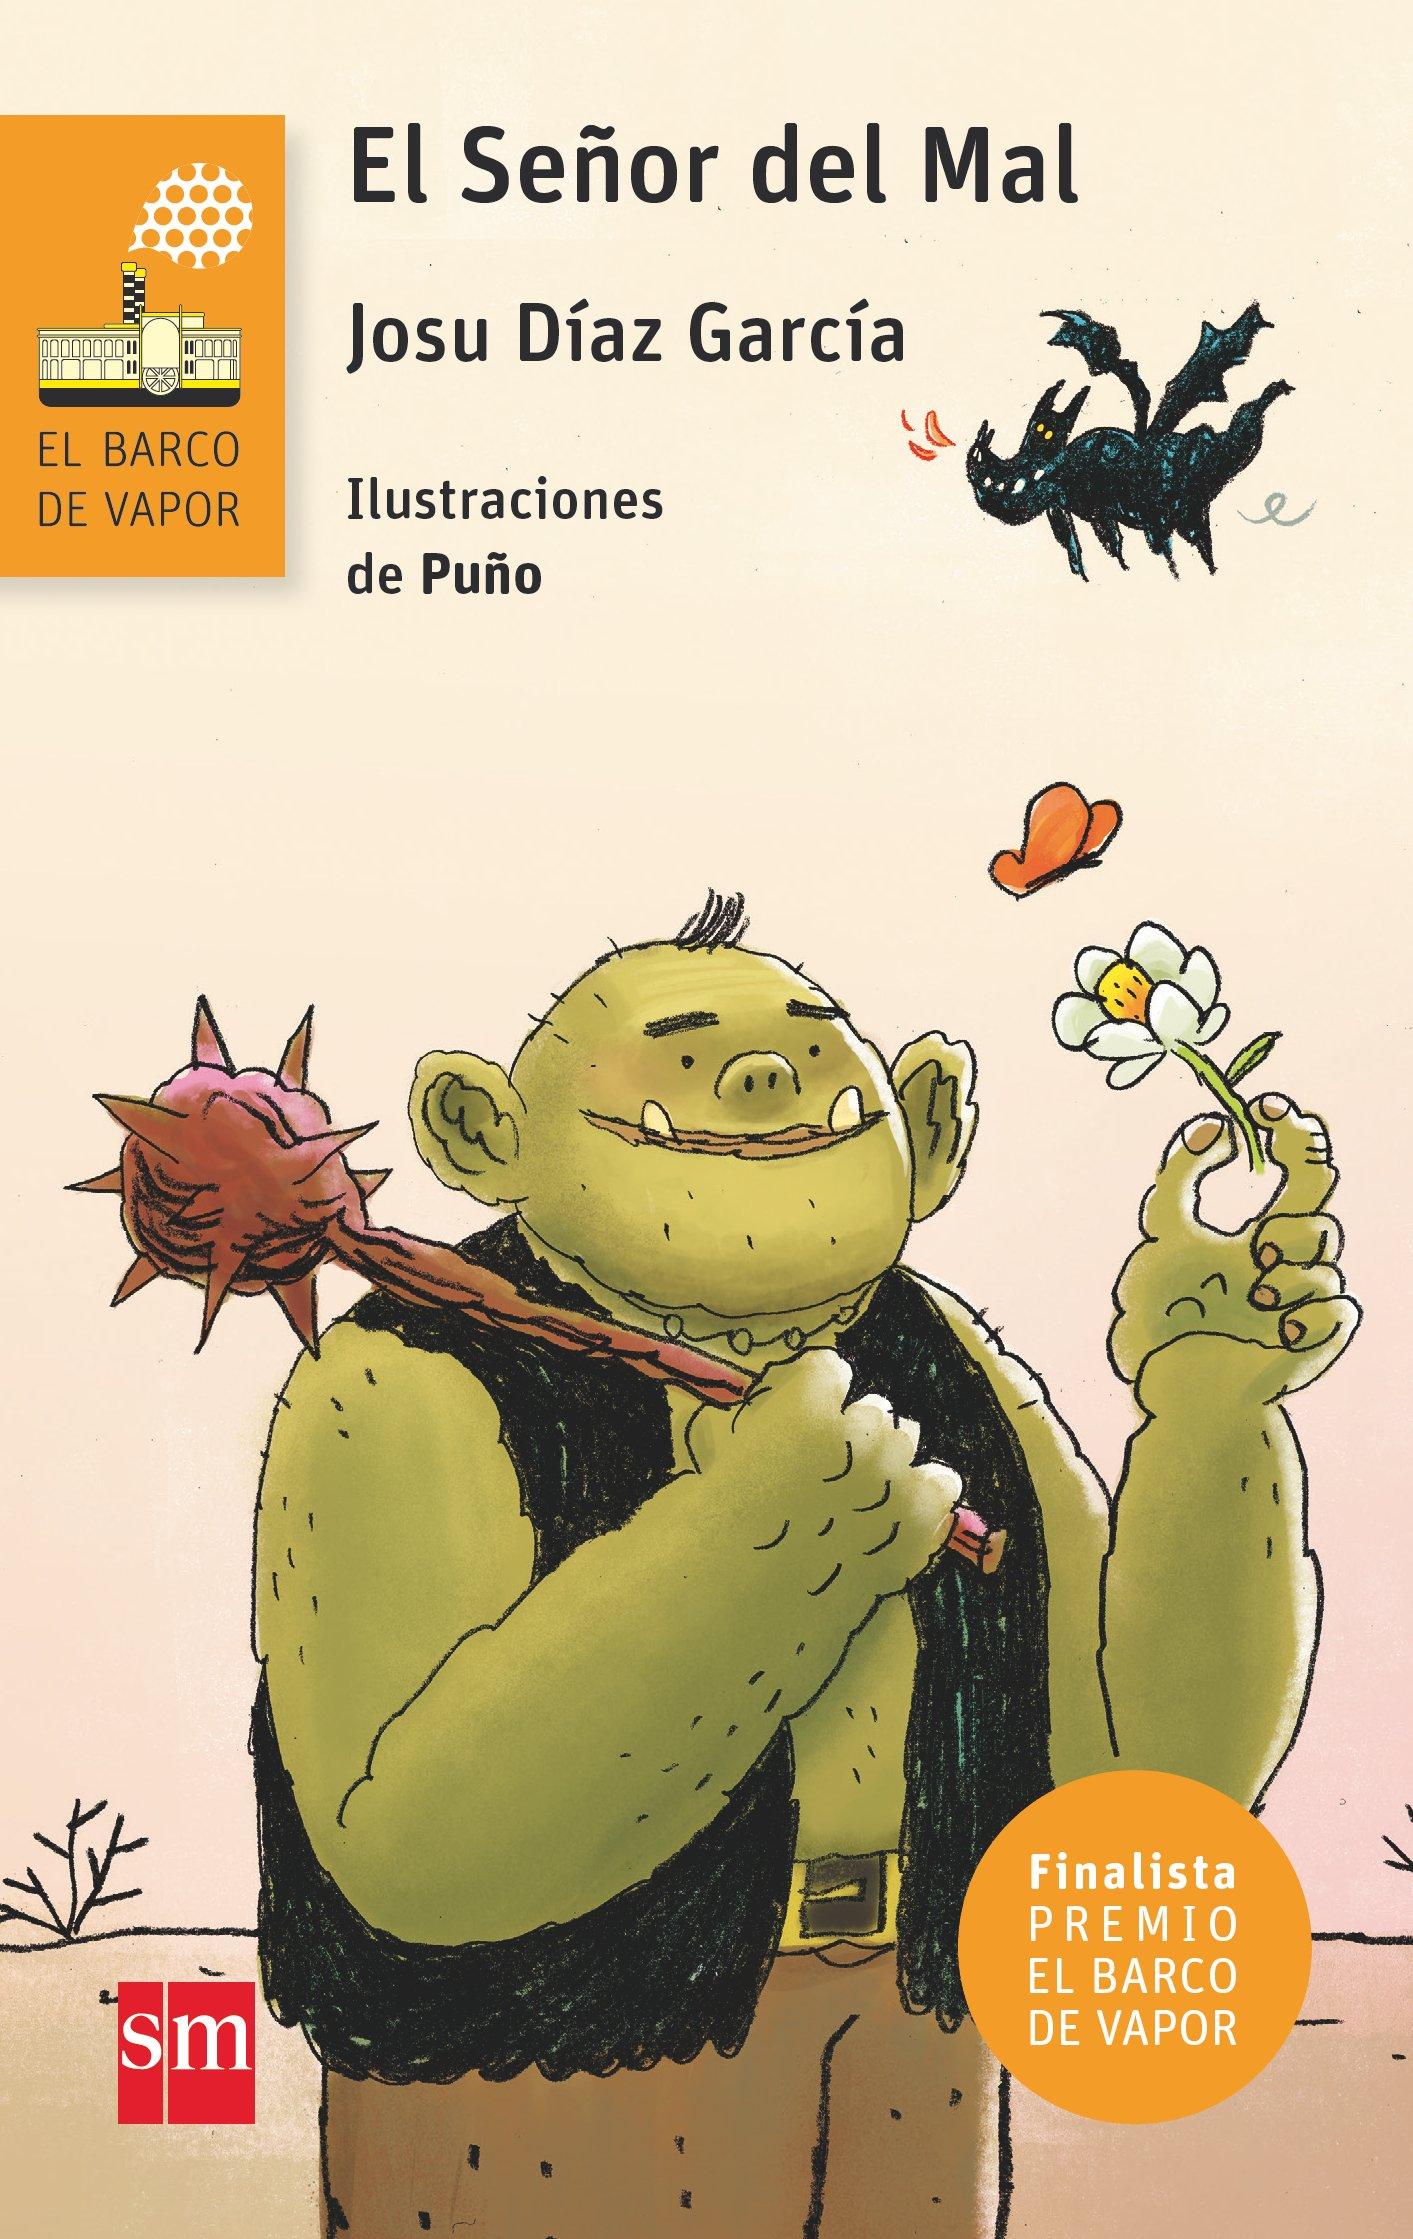 El Señor del Mal (El Barco de Vapor Naranja): Amazon.es: Josu Díaz García,  Puño (David Peña Toribio): Libros